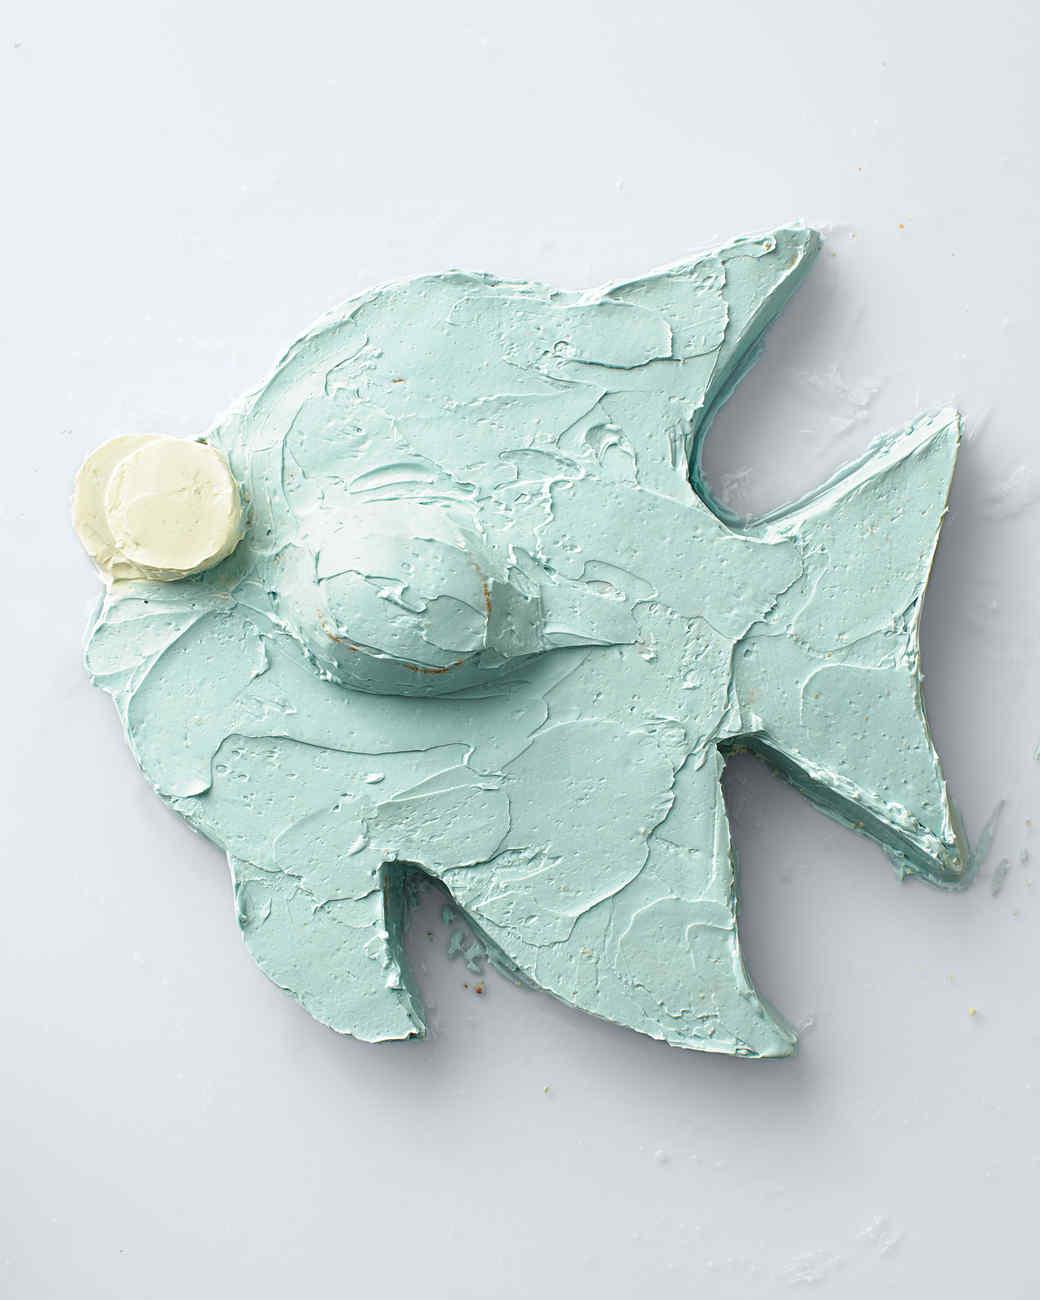 sheet-cake-fish-4-mld108427.jpg